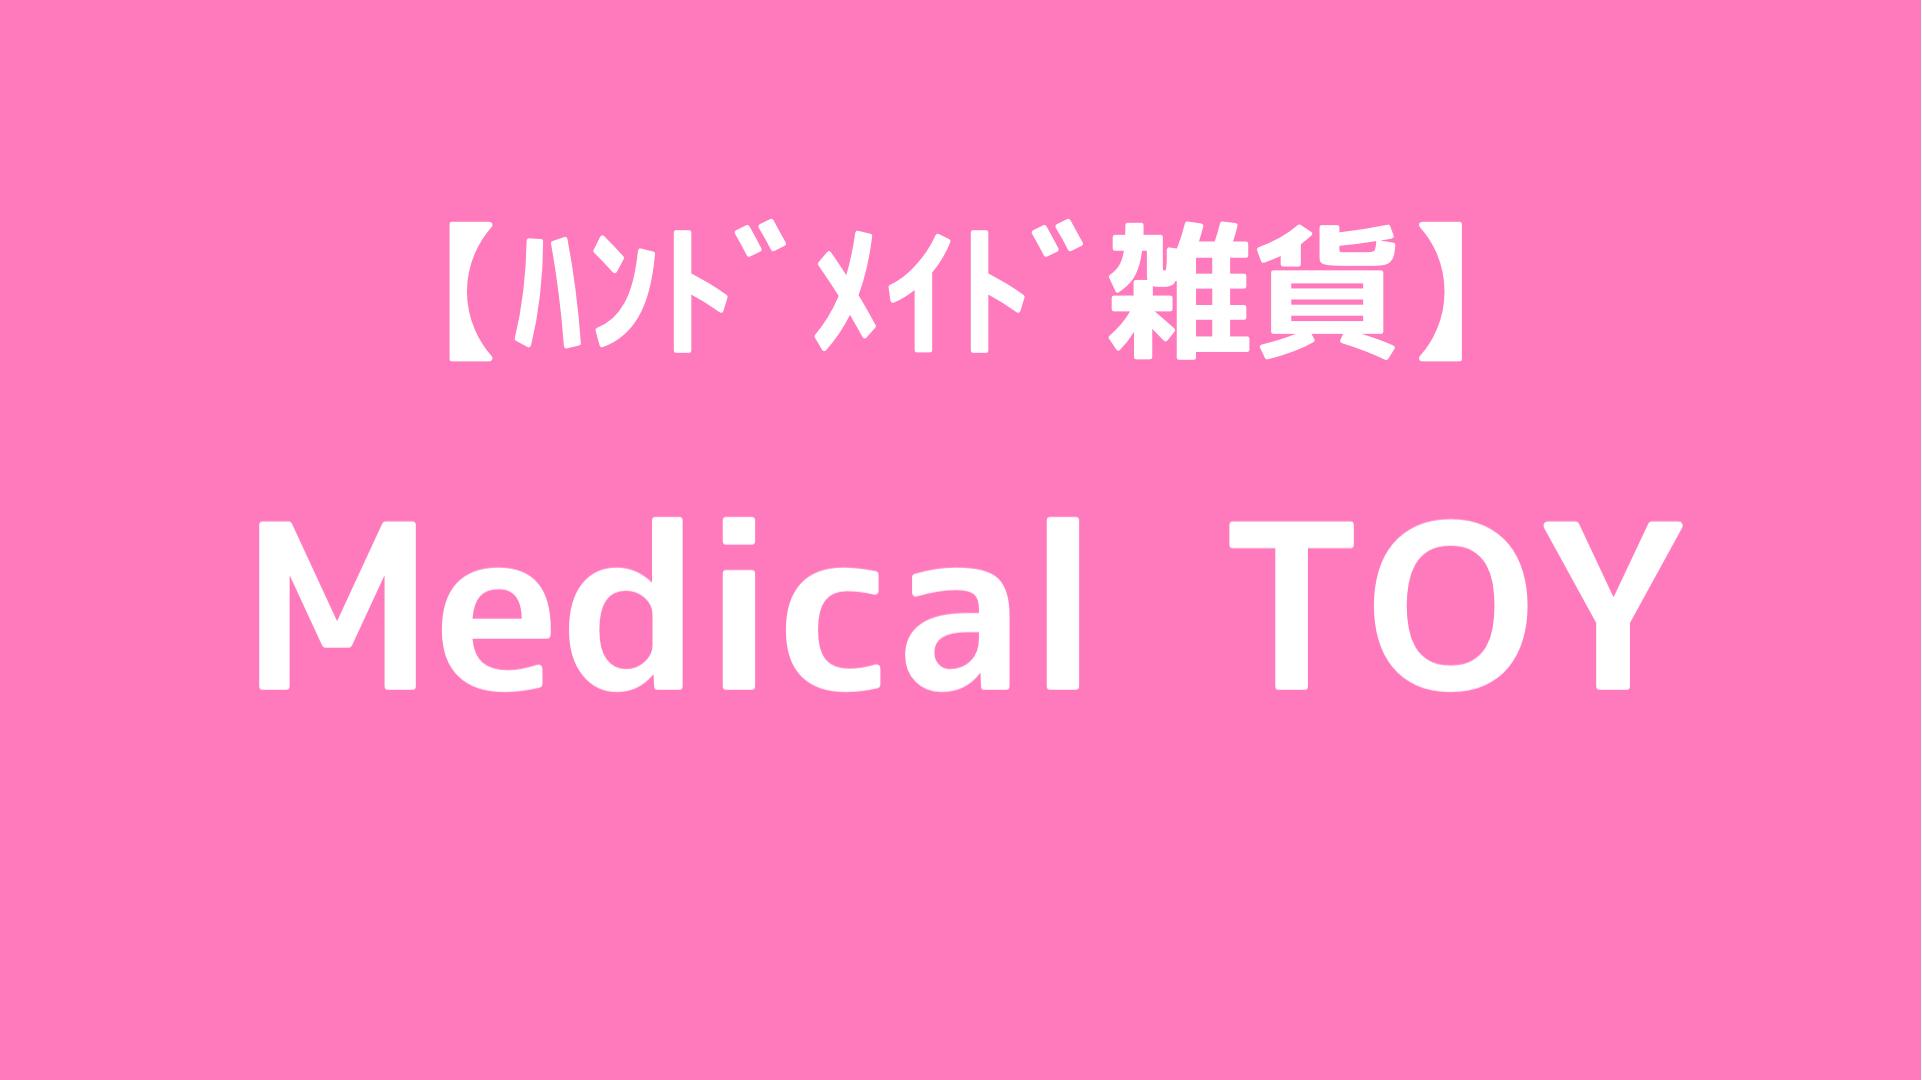 ハンドメイド雑貨、Medical TOY